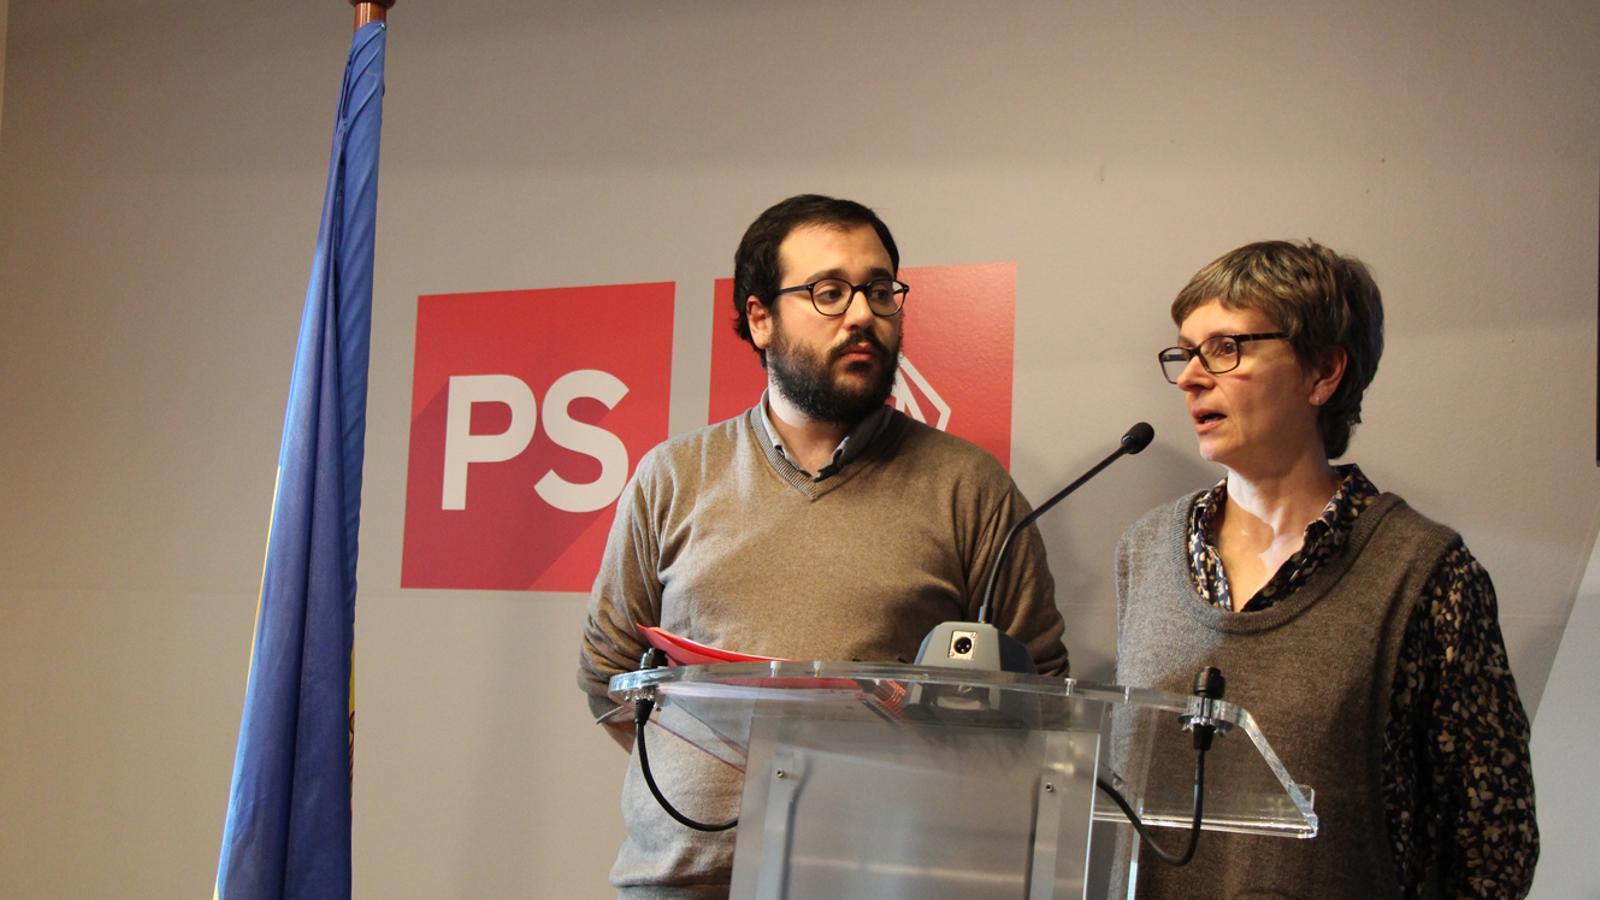 El secretari d'organització del PS, Carles Sánchez, i la primera secretària del partit, Susanna Vela, en roda de premsa. / L. M.